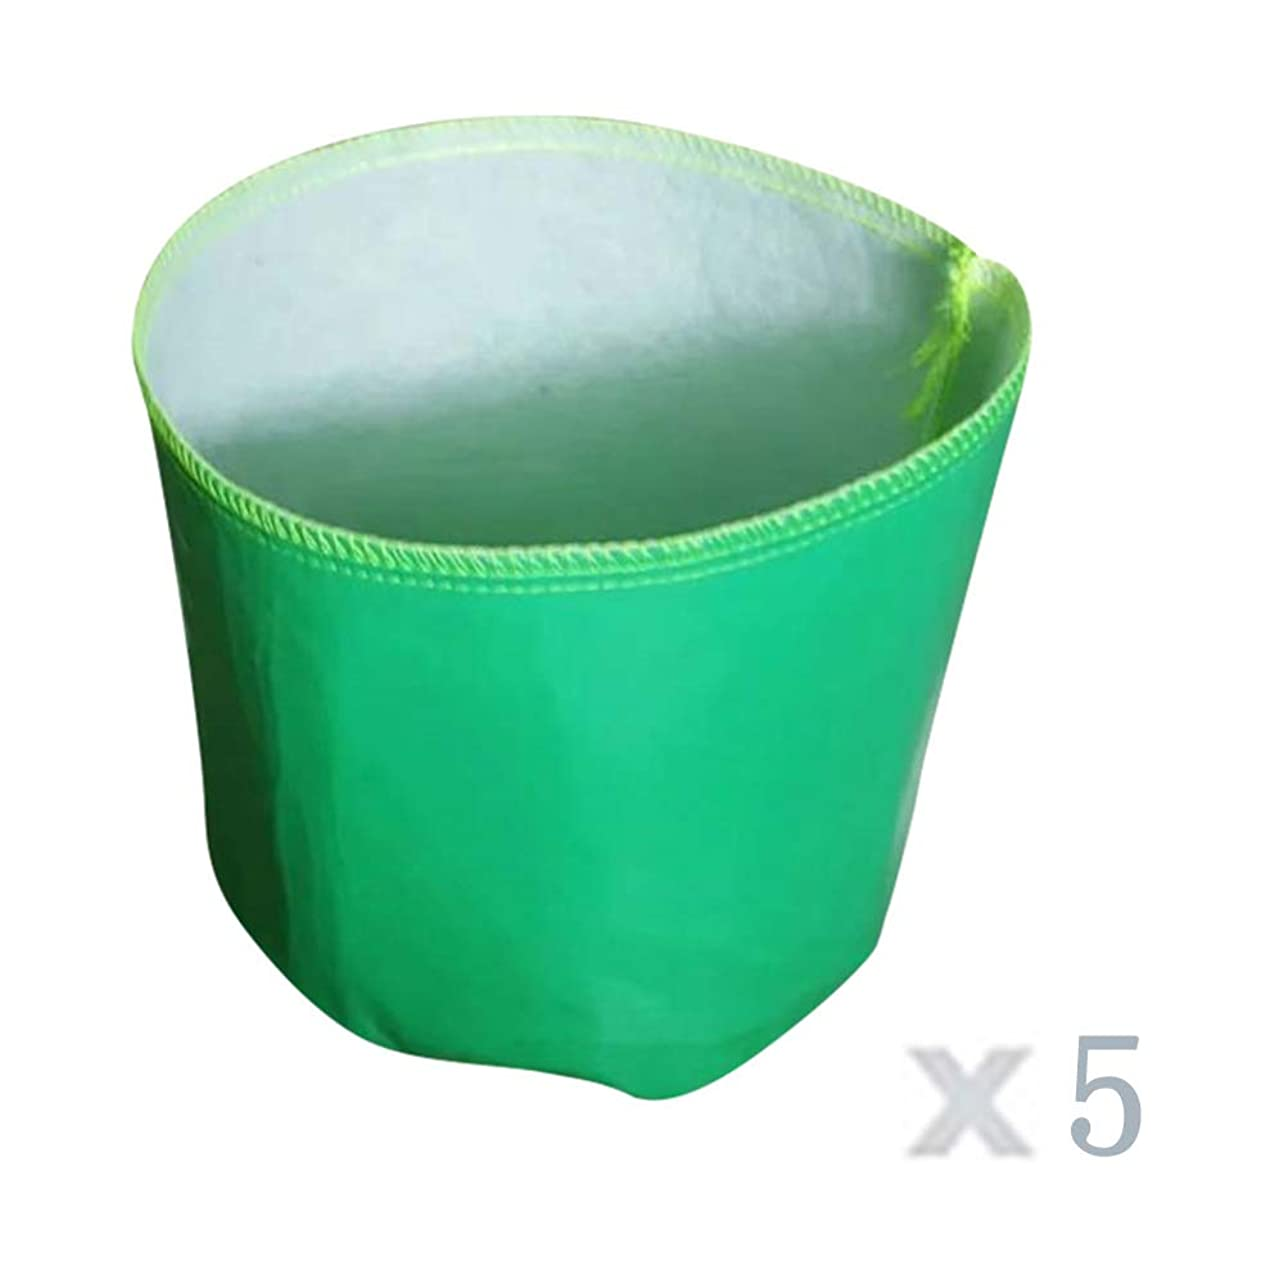 下にペストリーテント成長バッグ ファブリック流域, 5個 不織布 植え付けバッグ 布製容器 ホームガーデニング、バルコニーガーデンに適しています,50*40cm